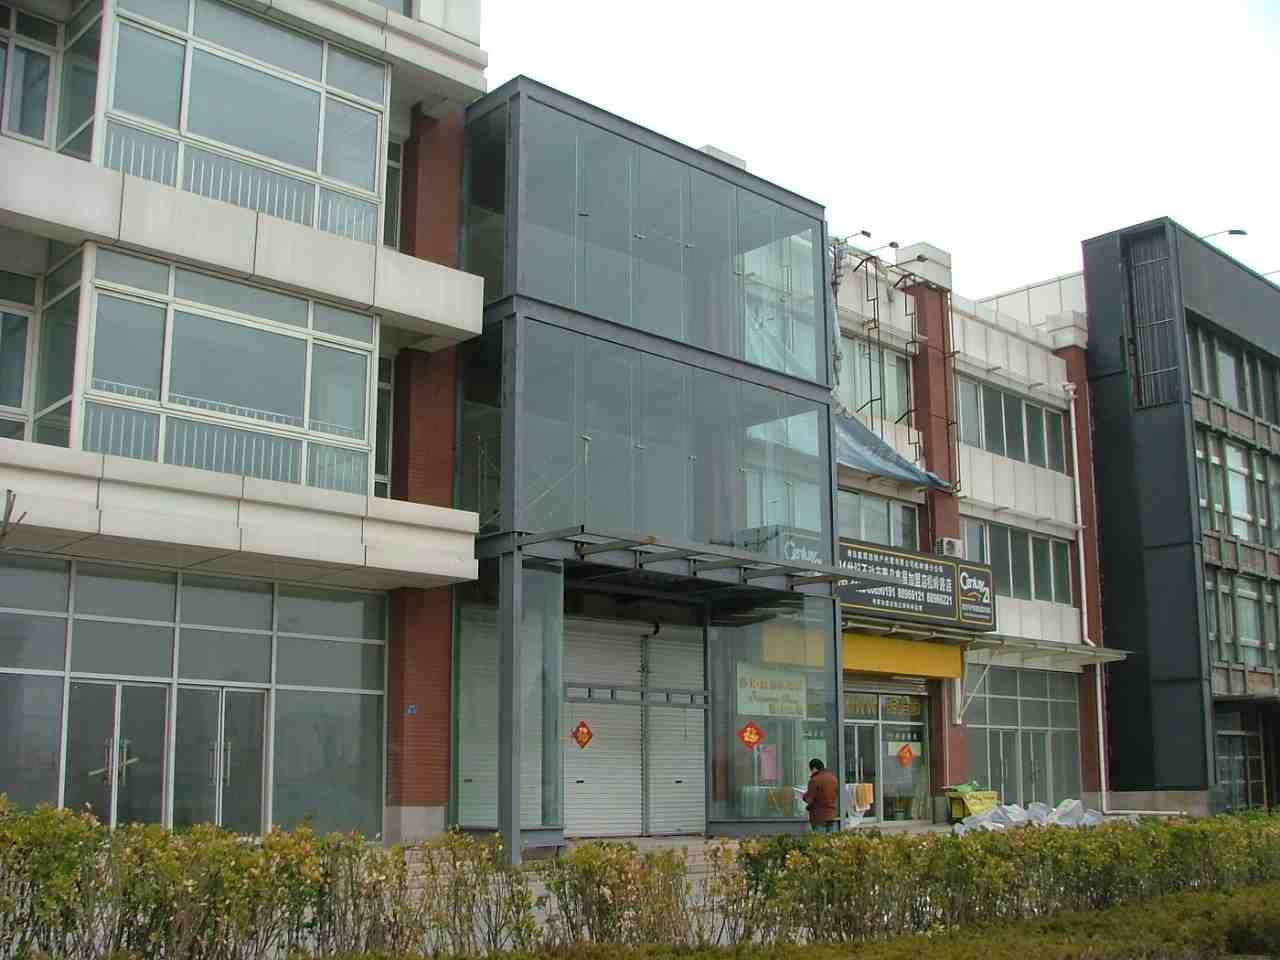 供应青岛室外钢结构设计装修施工公司 青岛钢结构门头设计装修公司批发